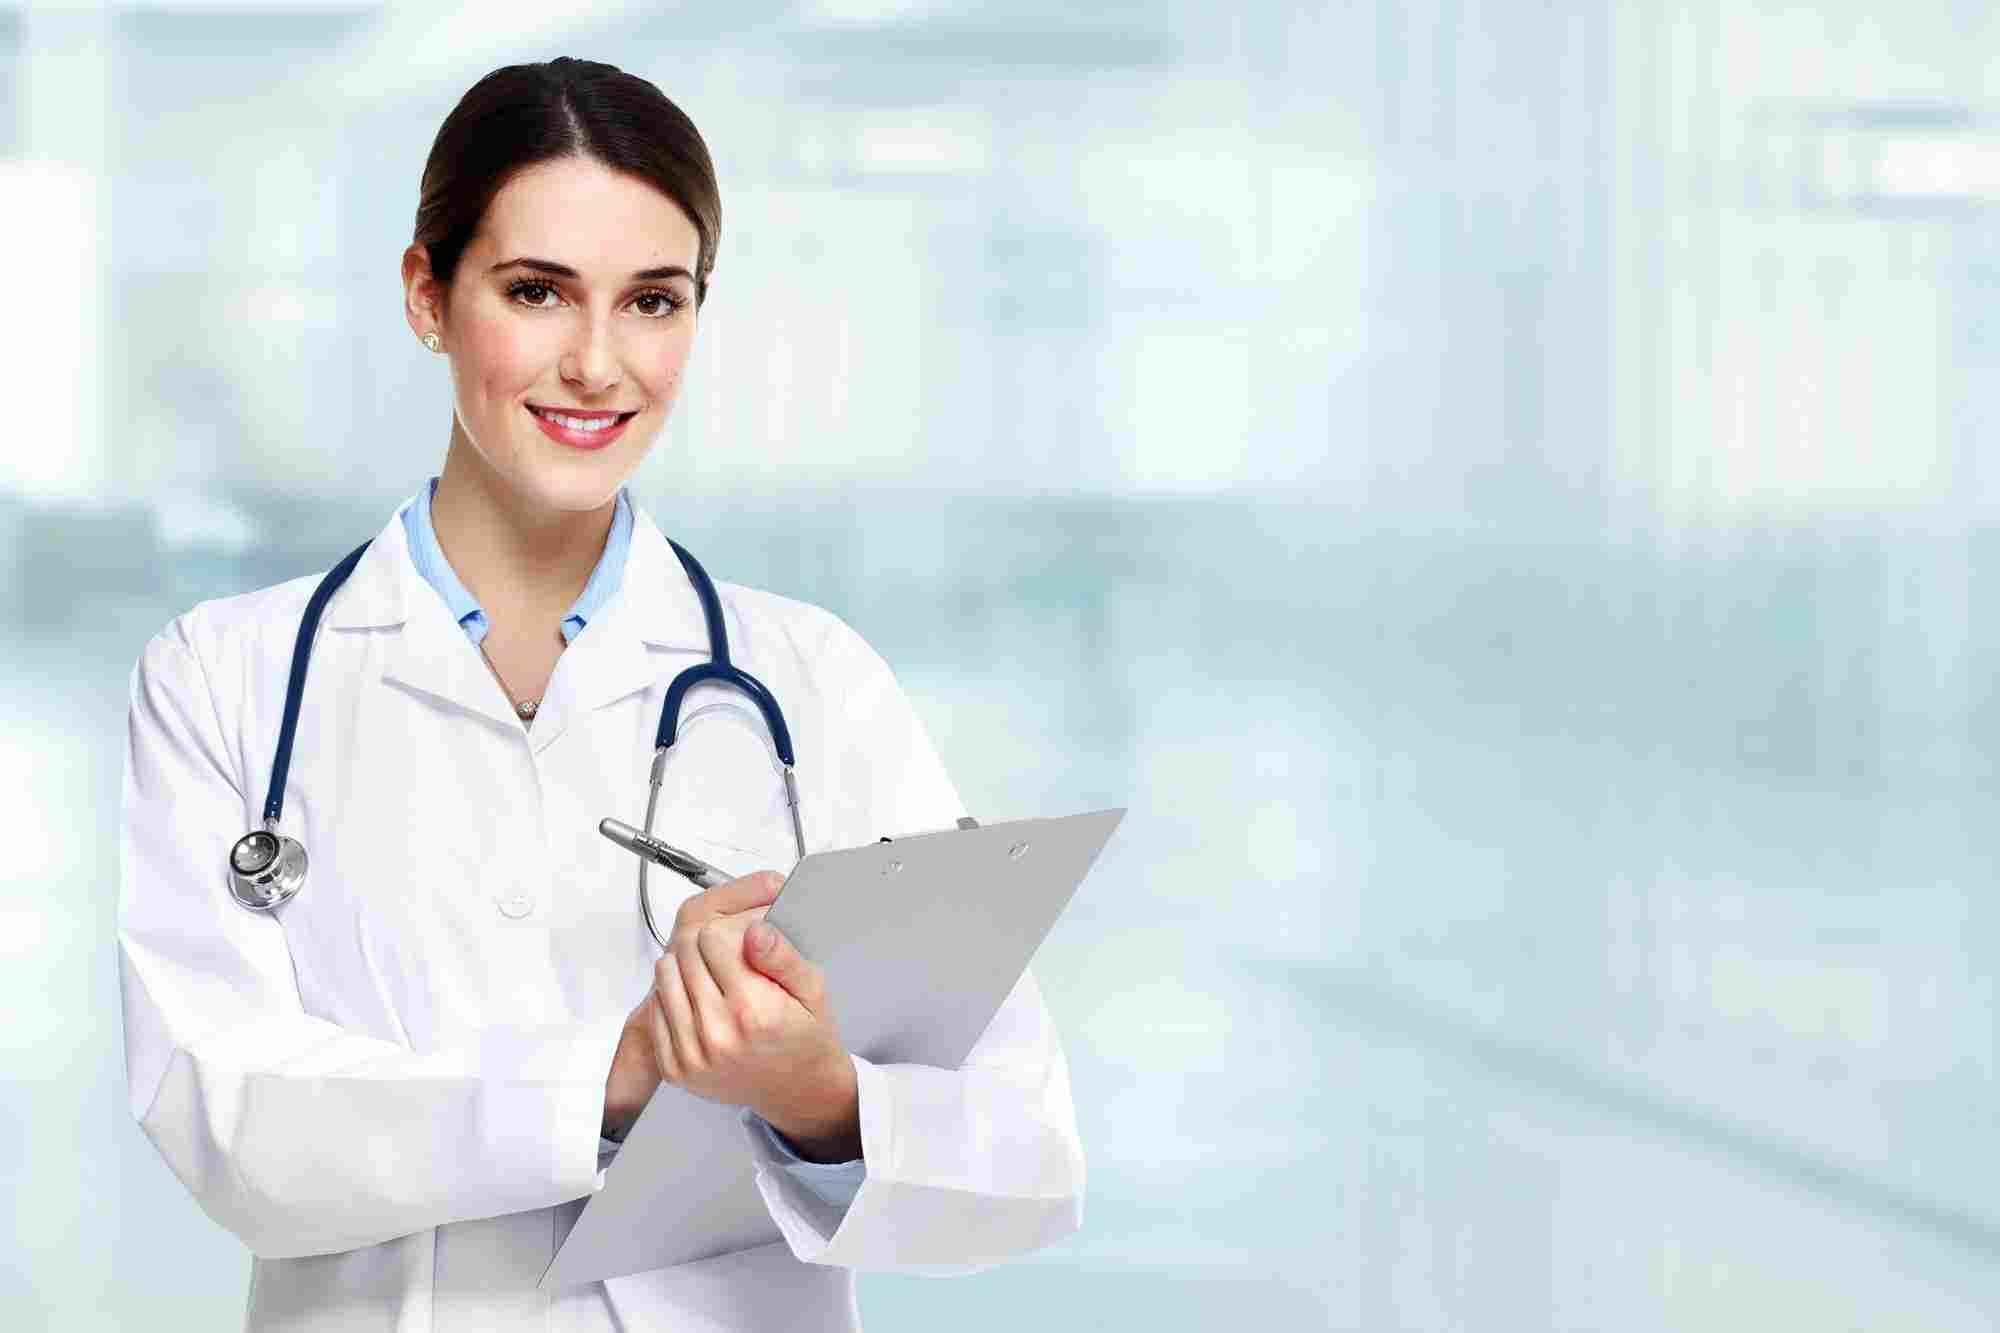 https://www.doctors4you.co/wp-content/uploads/2015/12/shutterstock_258889370.jpg